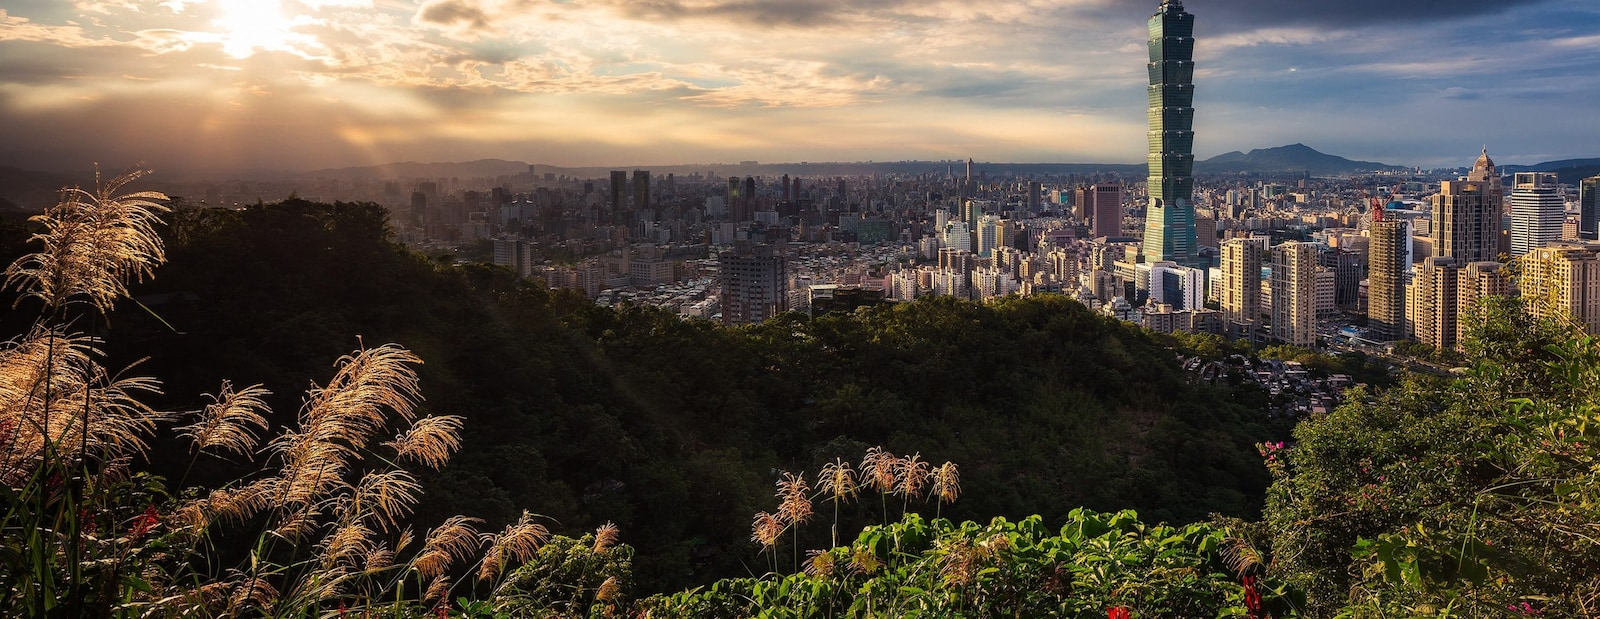 台北市的度假屋